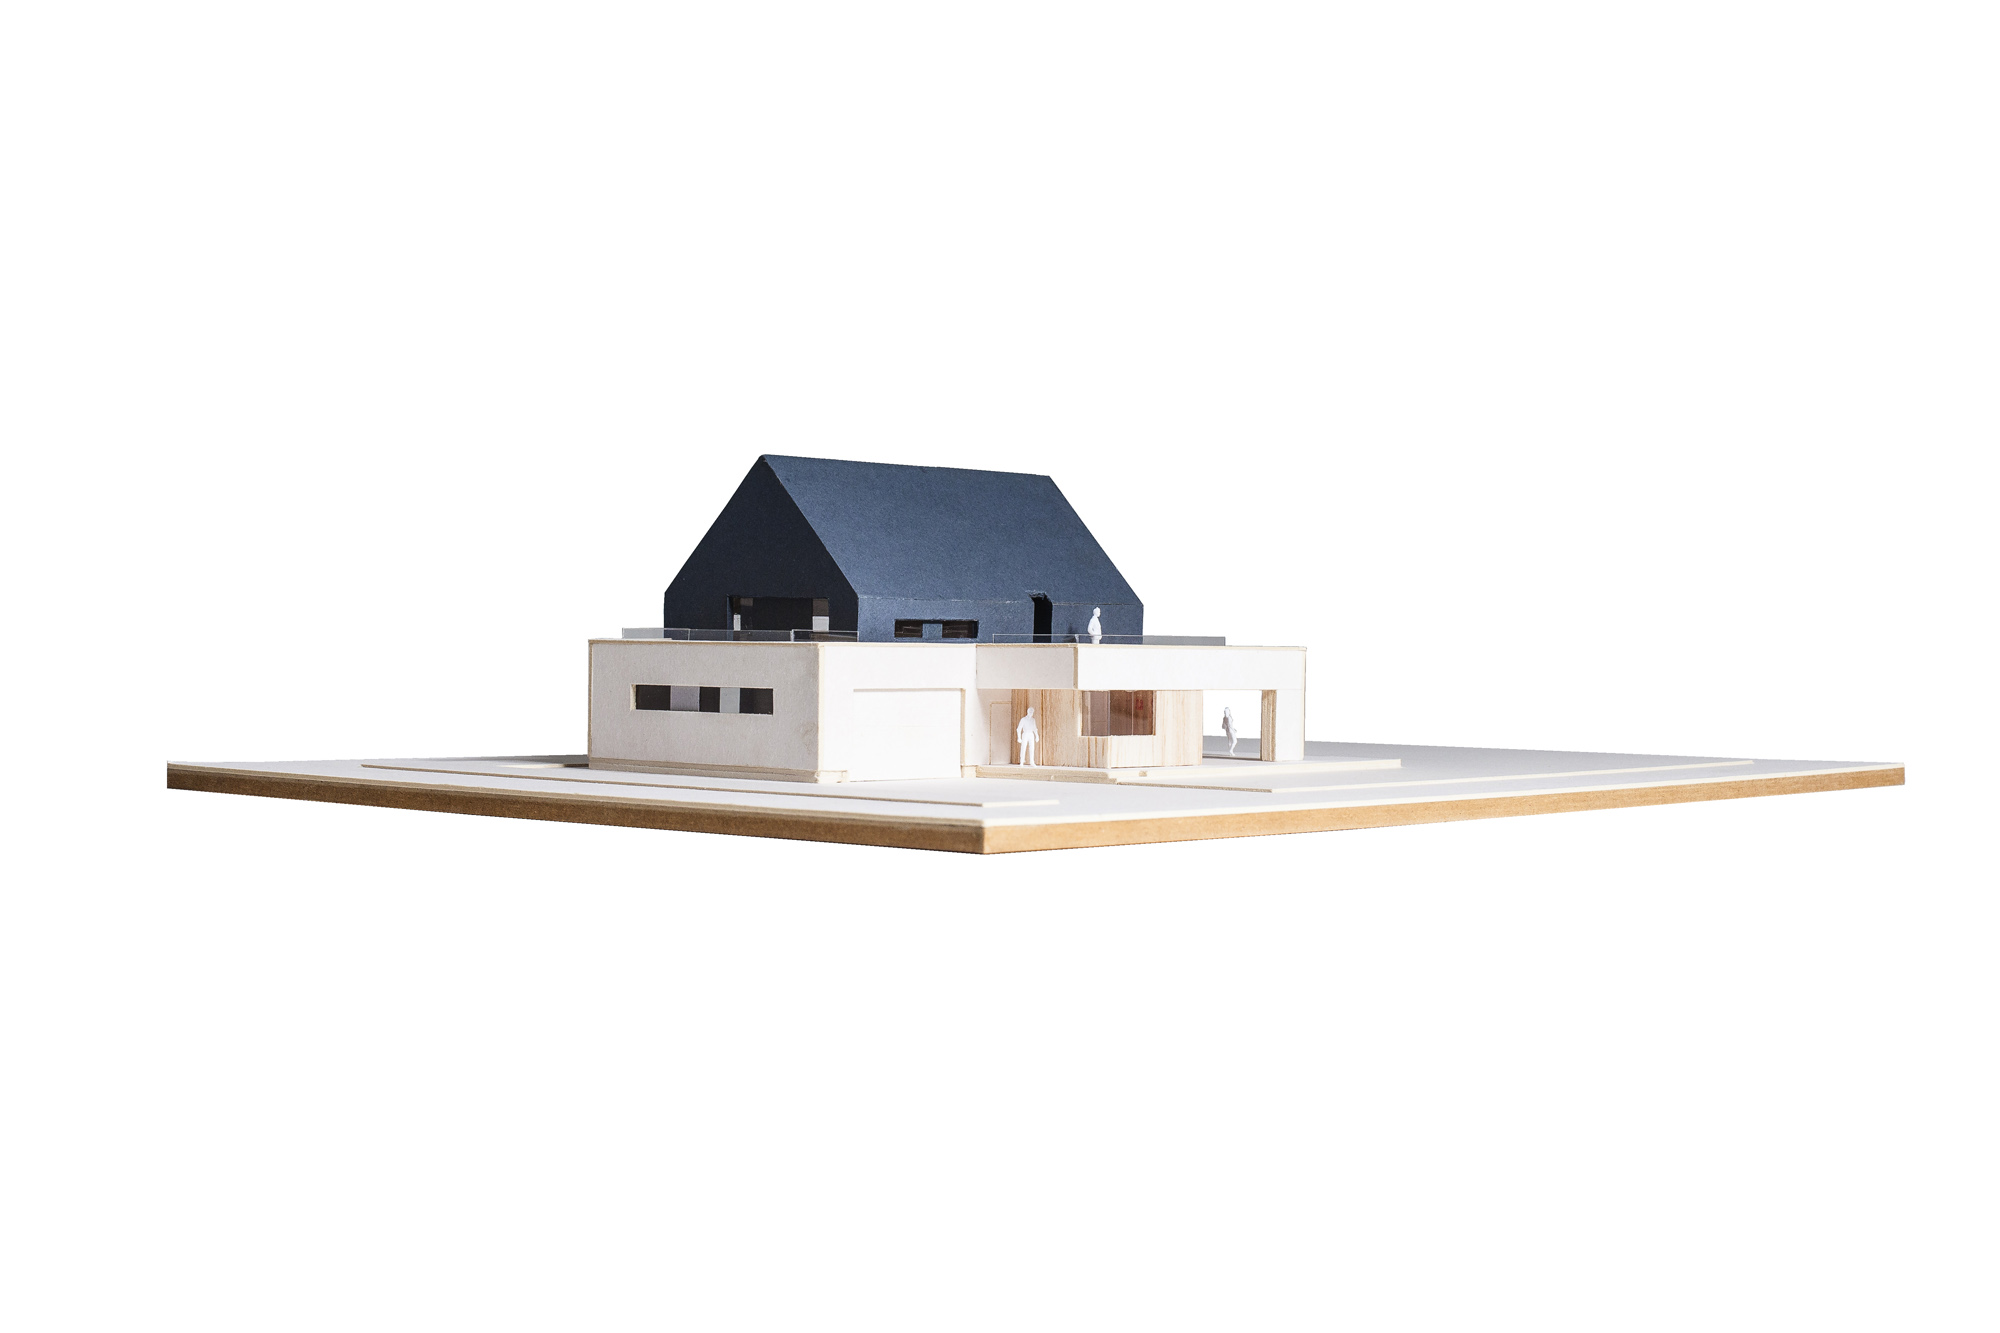 MLC-ZLO-dom-model-09w copy